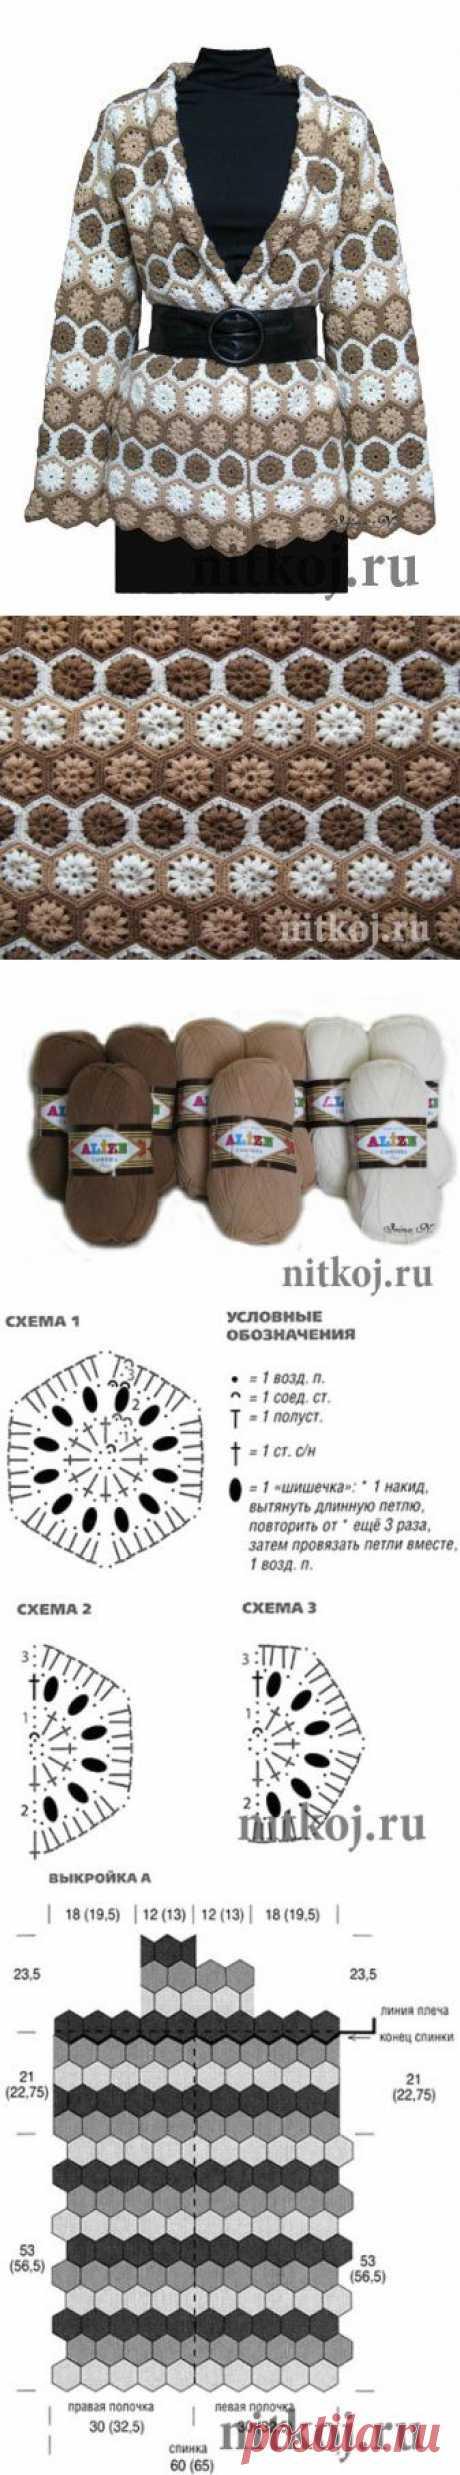 Шикарный кардиган крючком из мотивов » Ниткой - вязаные вещи для вашего дома, вязание крючком, вязание спицами, схемы вязания